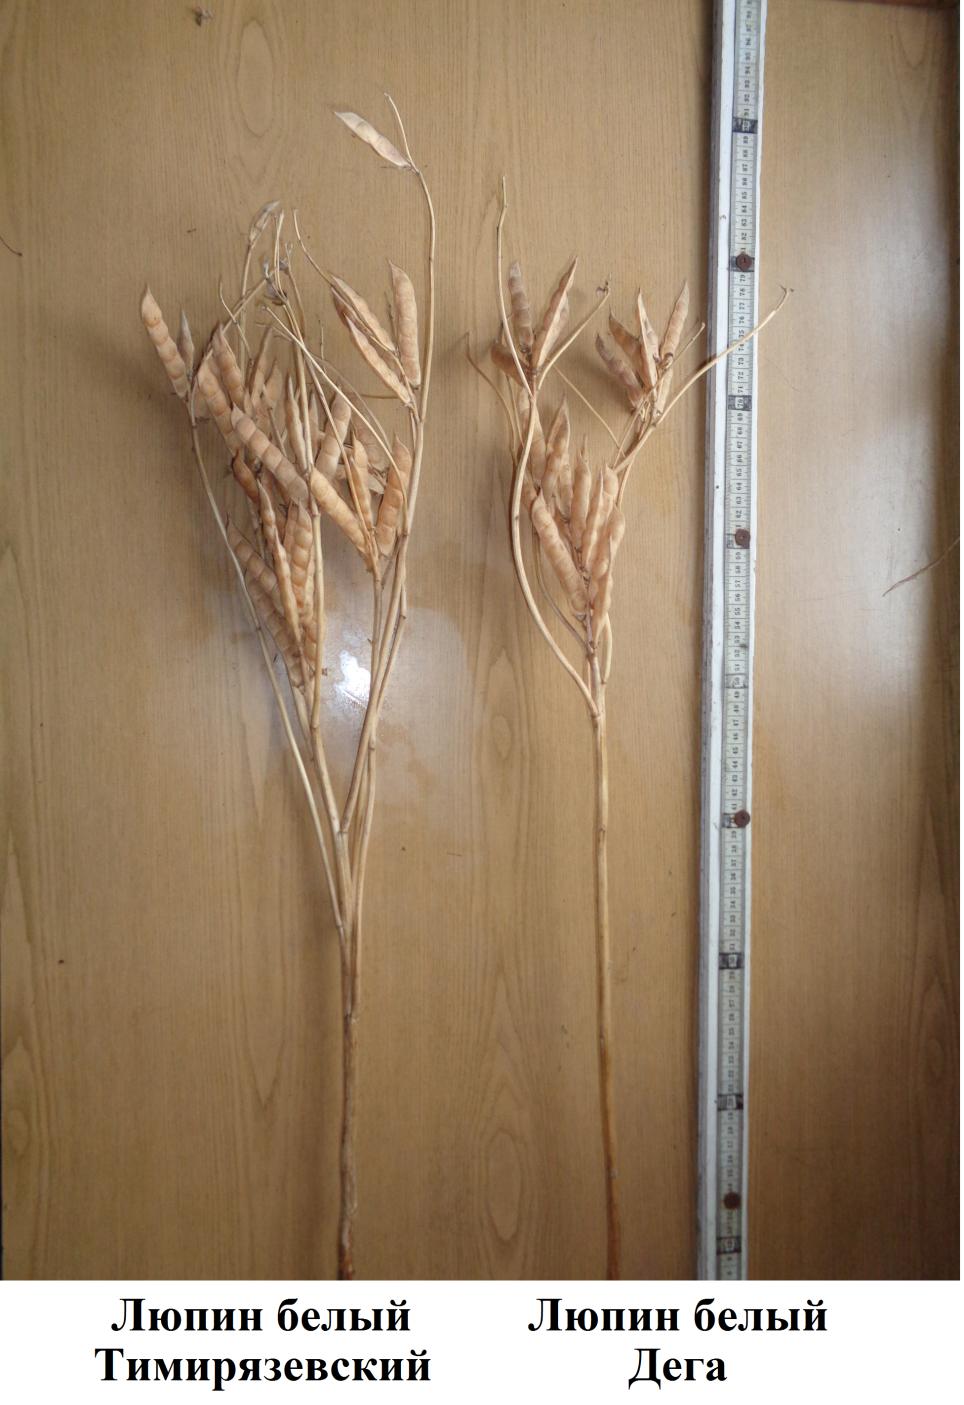 word image 788 Создание на основе адаптивной селекции сортов белого люпина (Lupinus albus L.)  с детерминантным типом роста, обладающих высокой адаптивностью, ус тойчивостью к болезням, технологичностью и содержанием в зерне протеина 38-42%, обеспечивающих сбор белка с урожаем семян 12-15 ц/га без внесения азотных удобрений